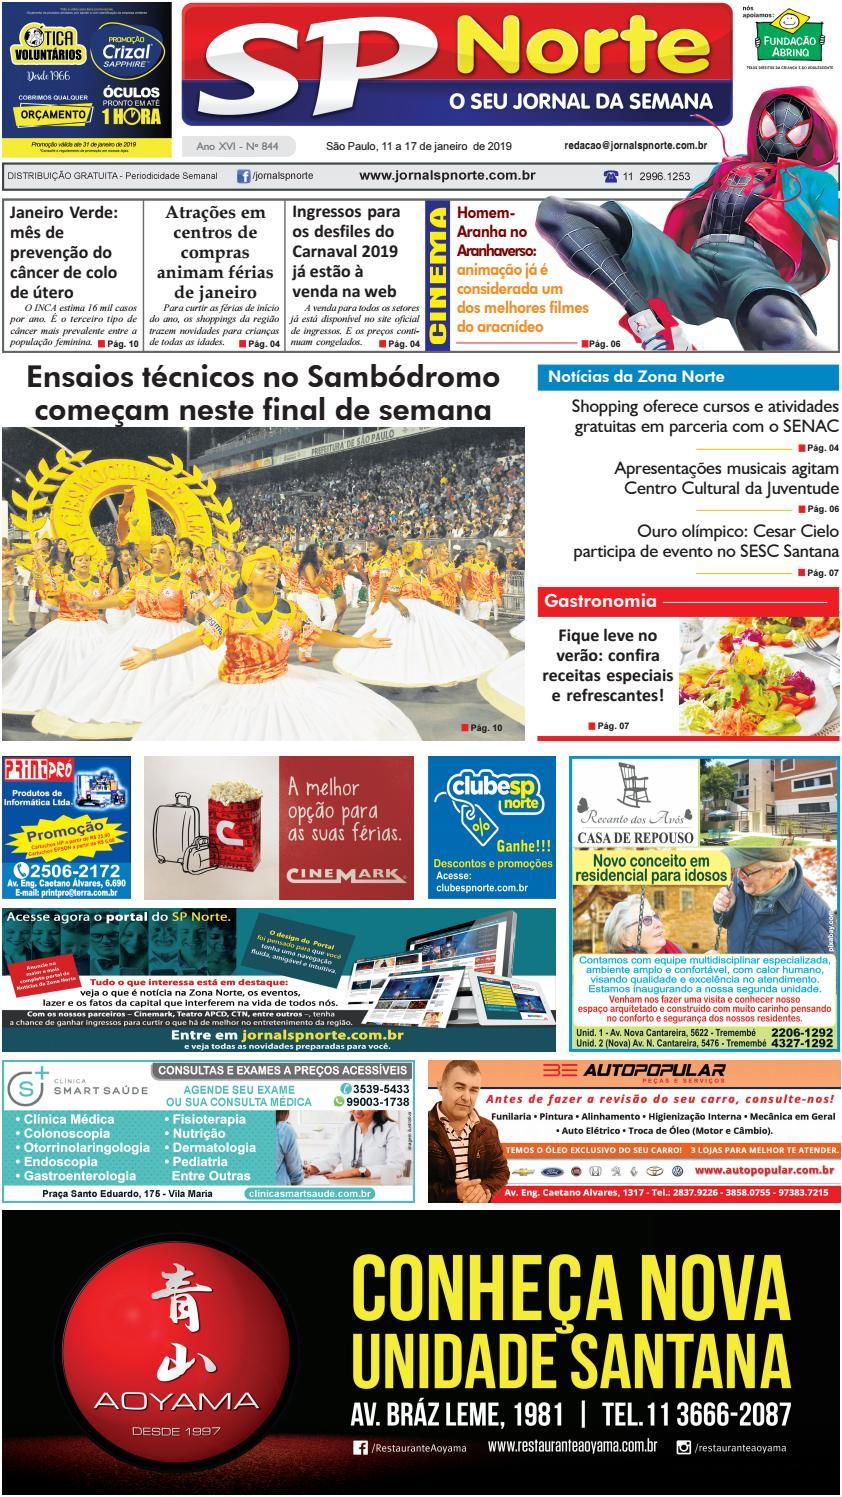 Edição 844 - 11 a 17 de Janeiro de 2019 by Jornal SP Norte - issuu be67c0cb28e5b